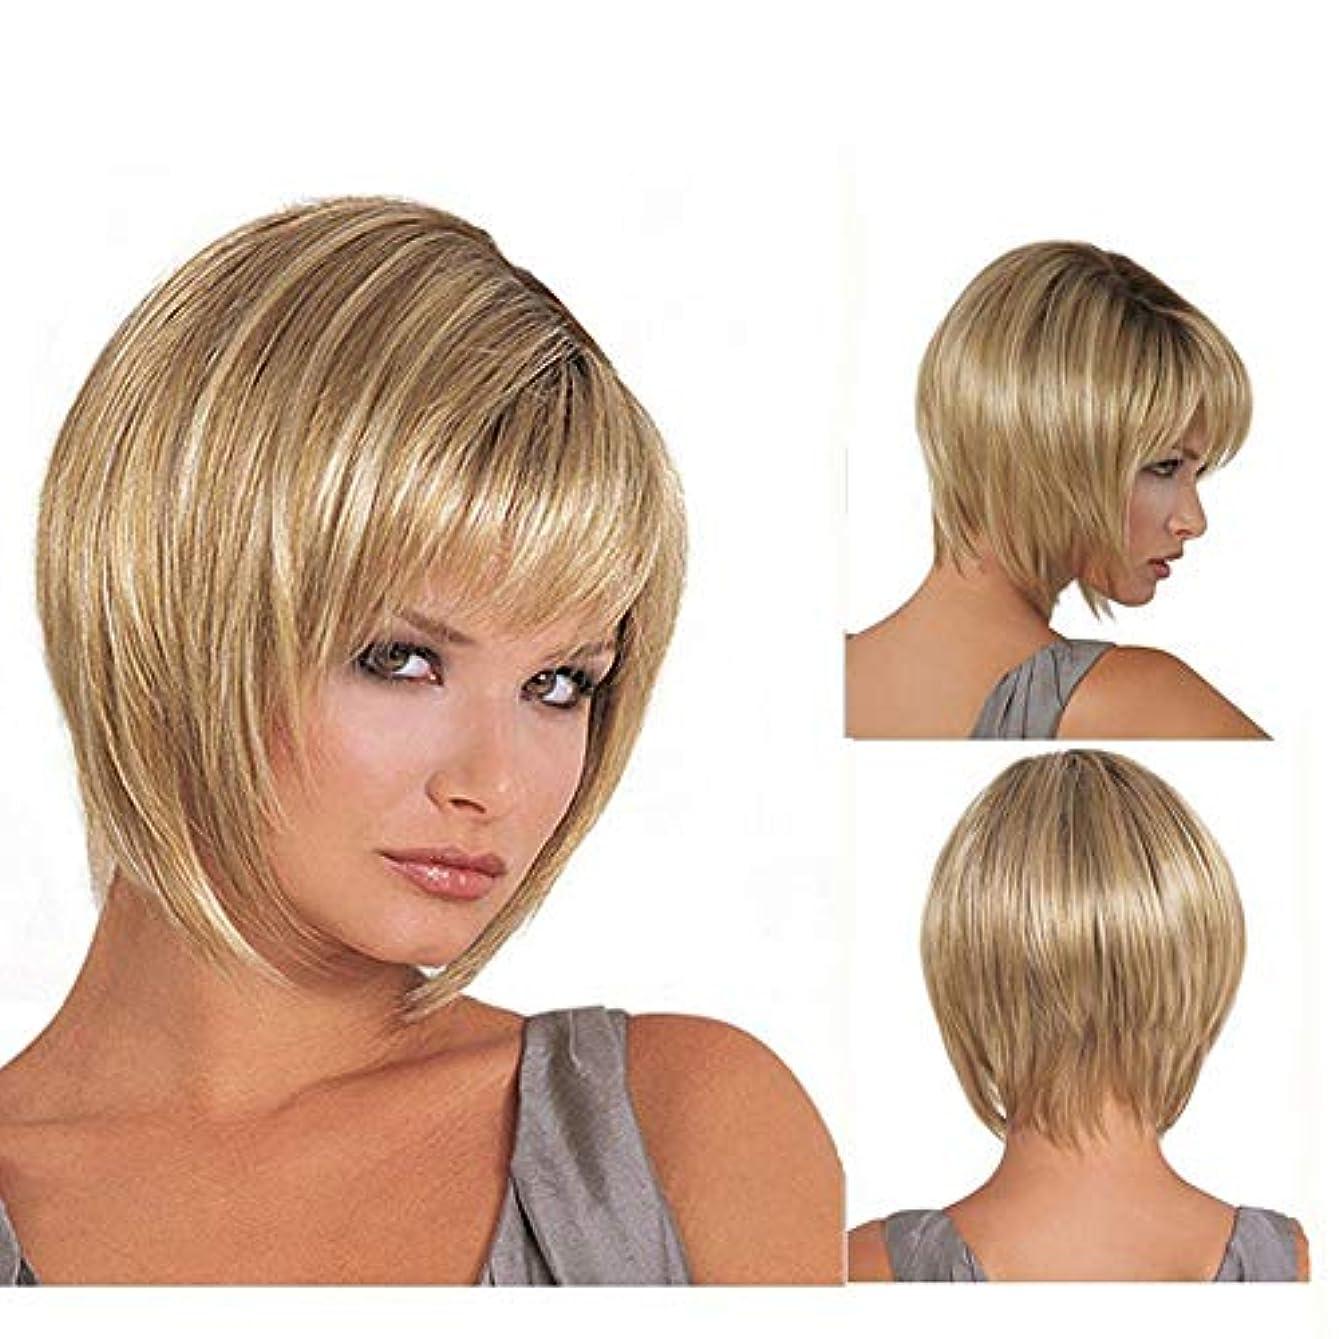 しがみつくサンプル人WASAIO ブロンドの髪型ショートストレートヘアふわふわウィッグ (色 : Blonde)